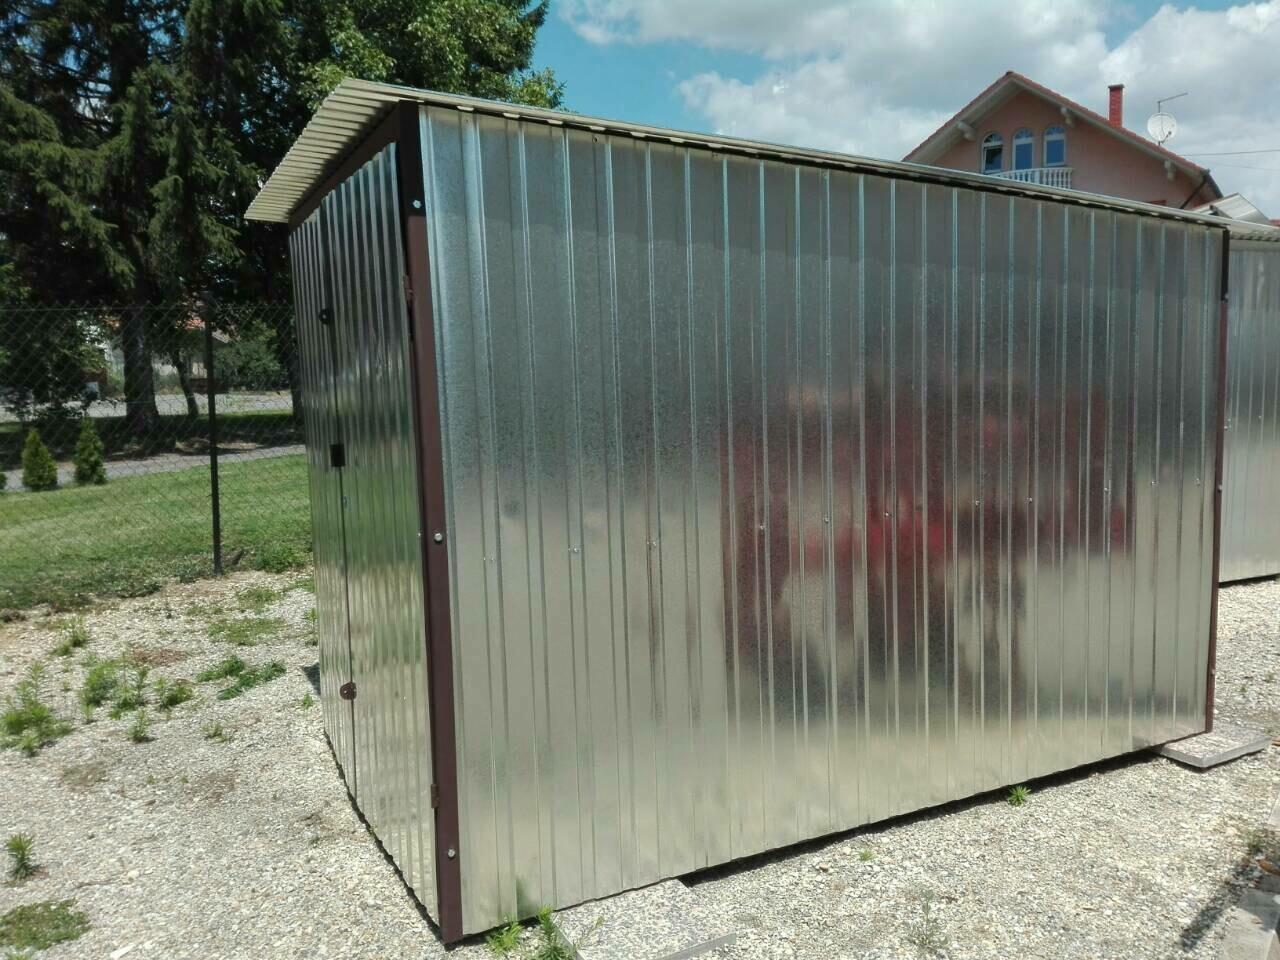 Kovinska hiša - SKLADIŠČENJE 2 × 3 m - lastna proizvodnja